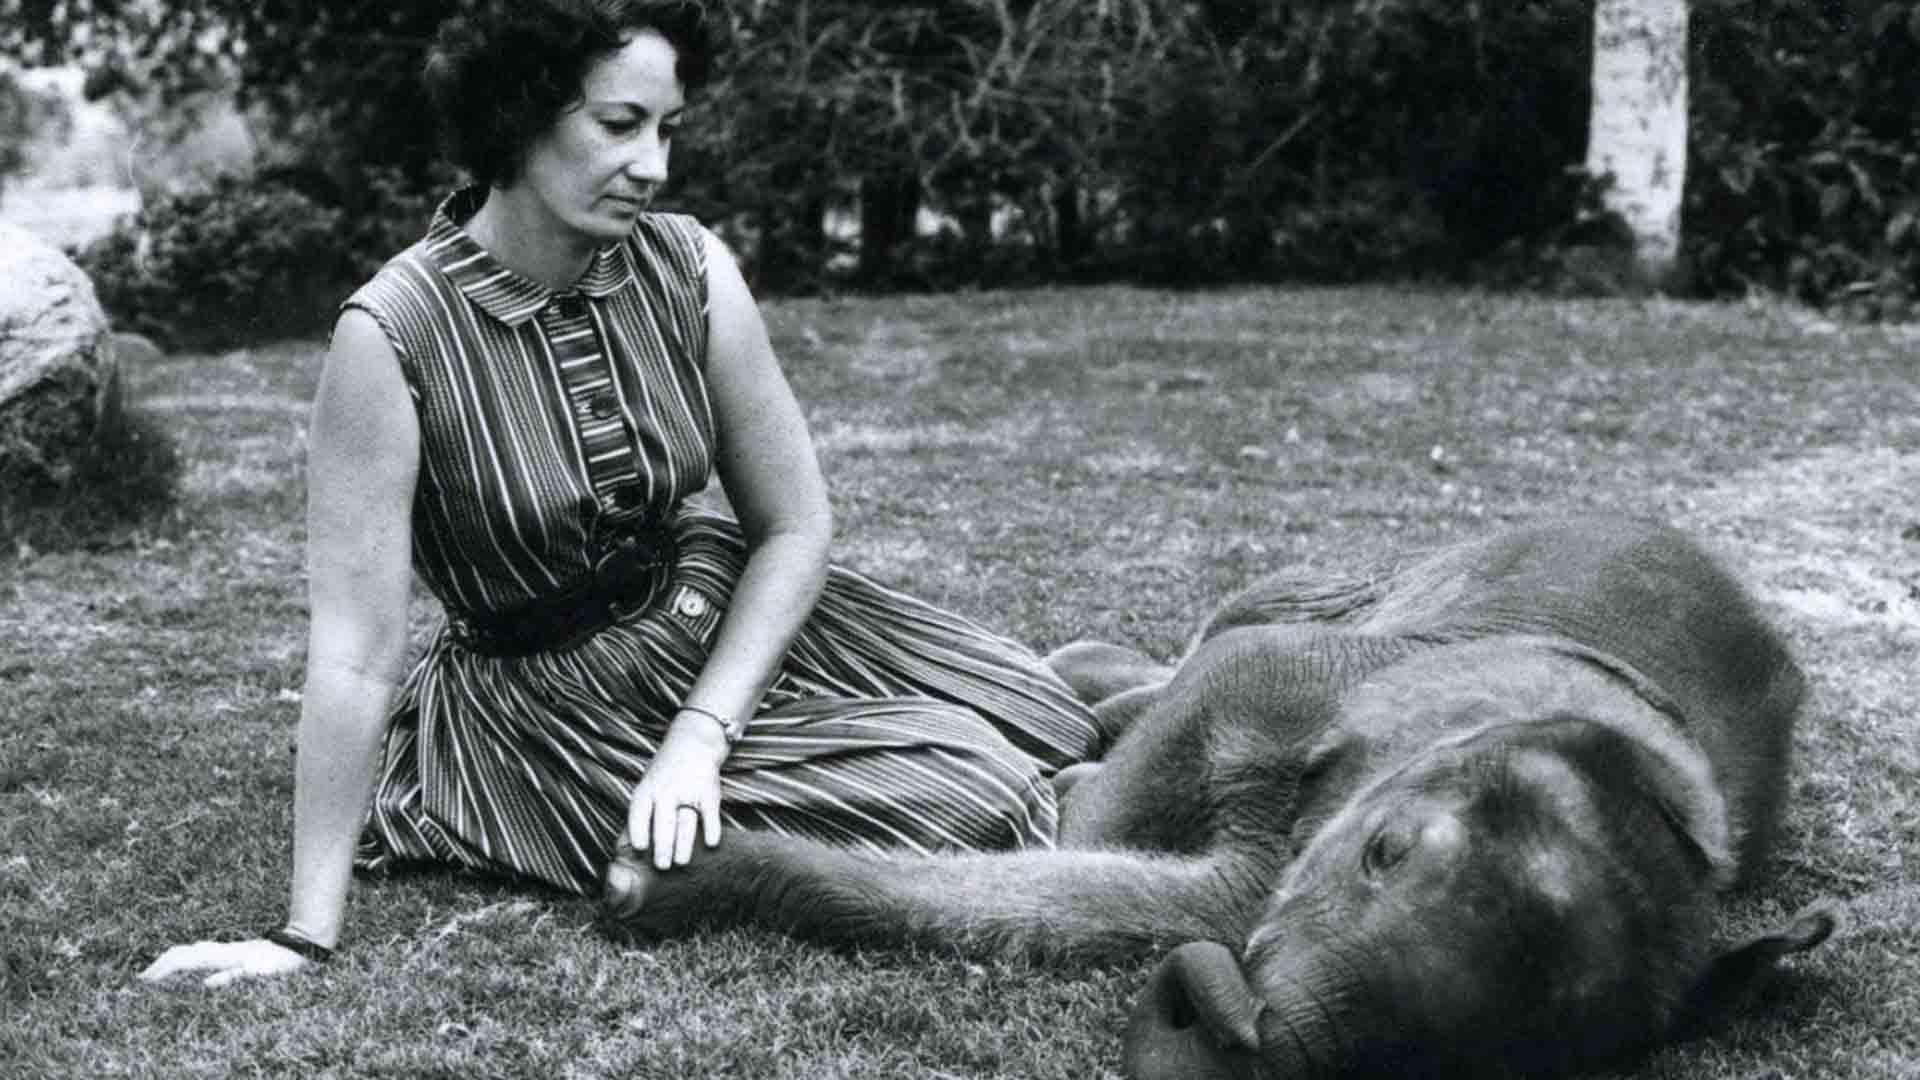 Daphne Sheldrick ha salvato centinaia di elefanti